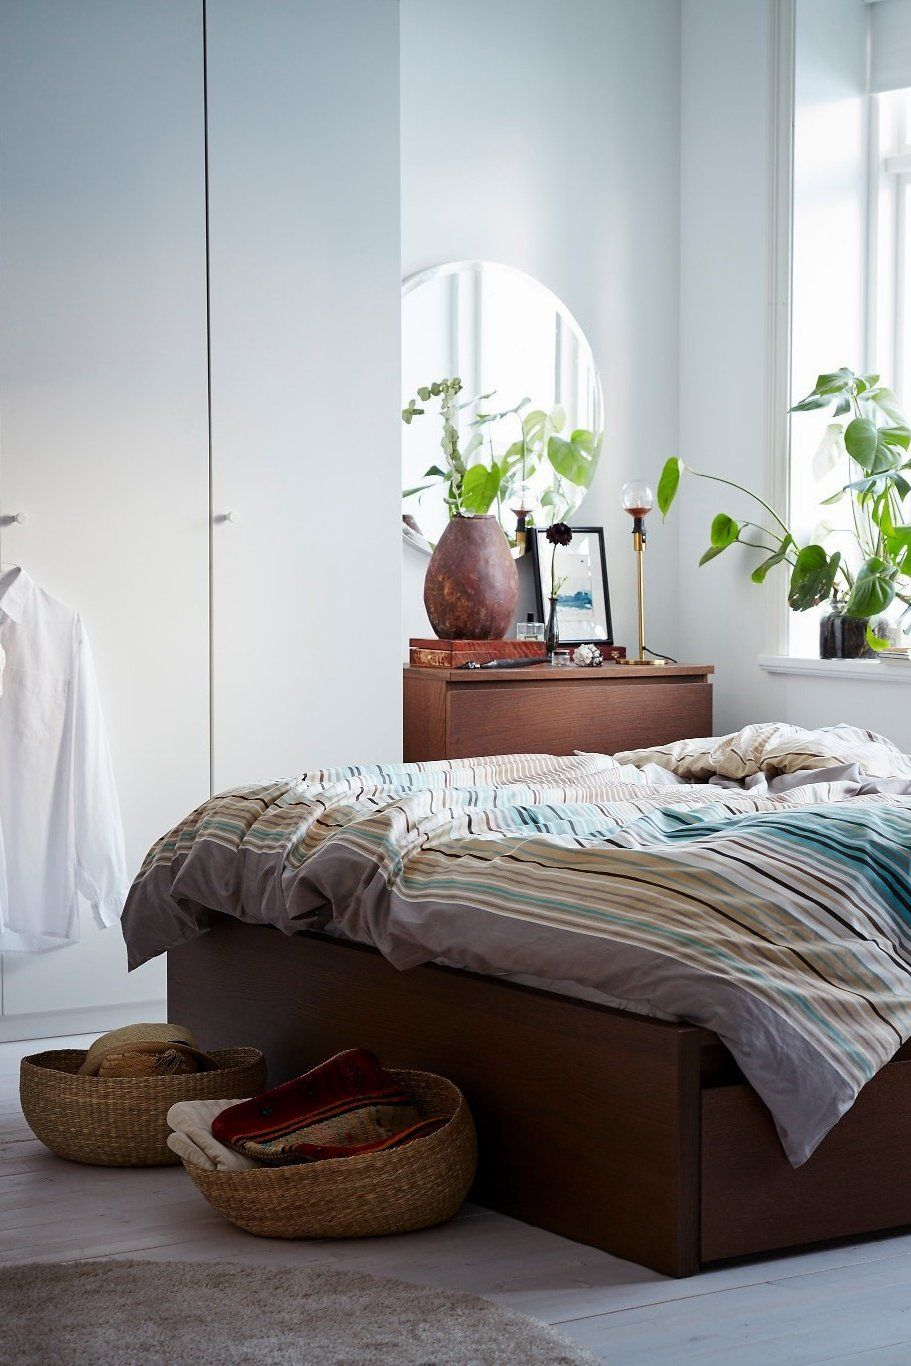 Nos Idees Pour Un Bout De Lit Style Bout De Lit Coffre Bout De Lit Lit Confortable